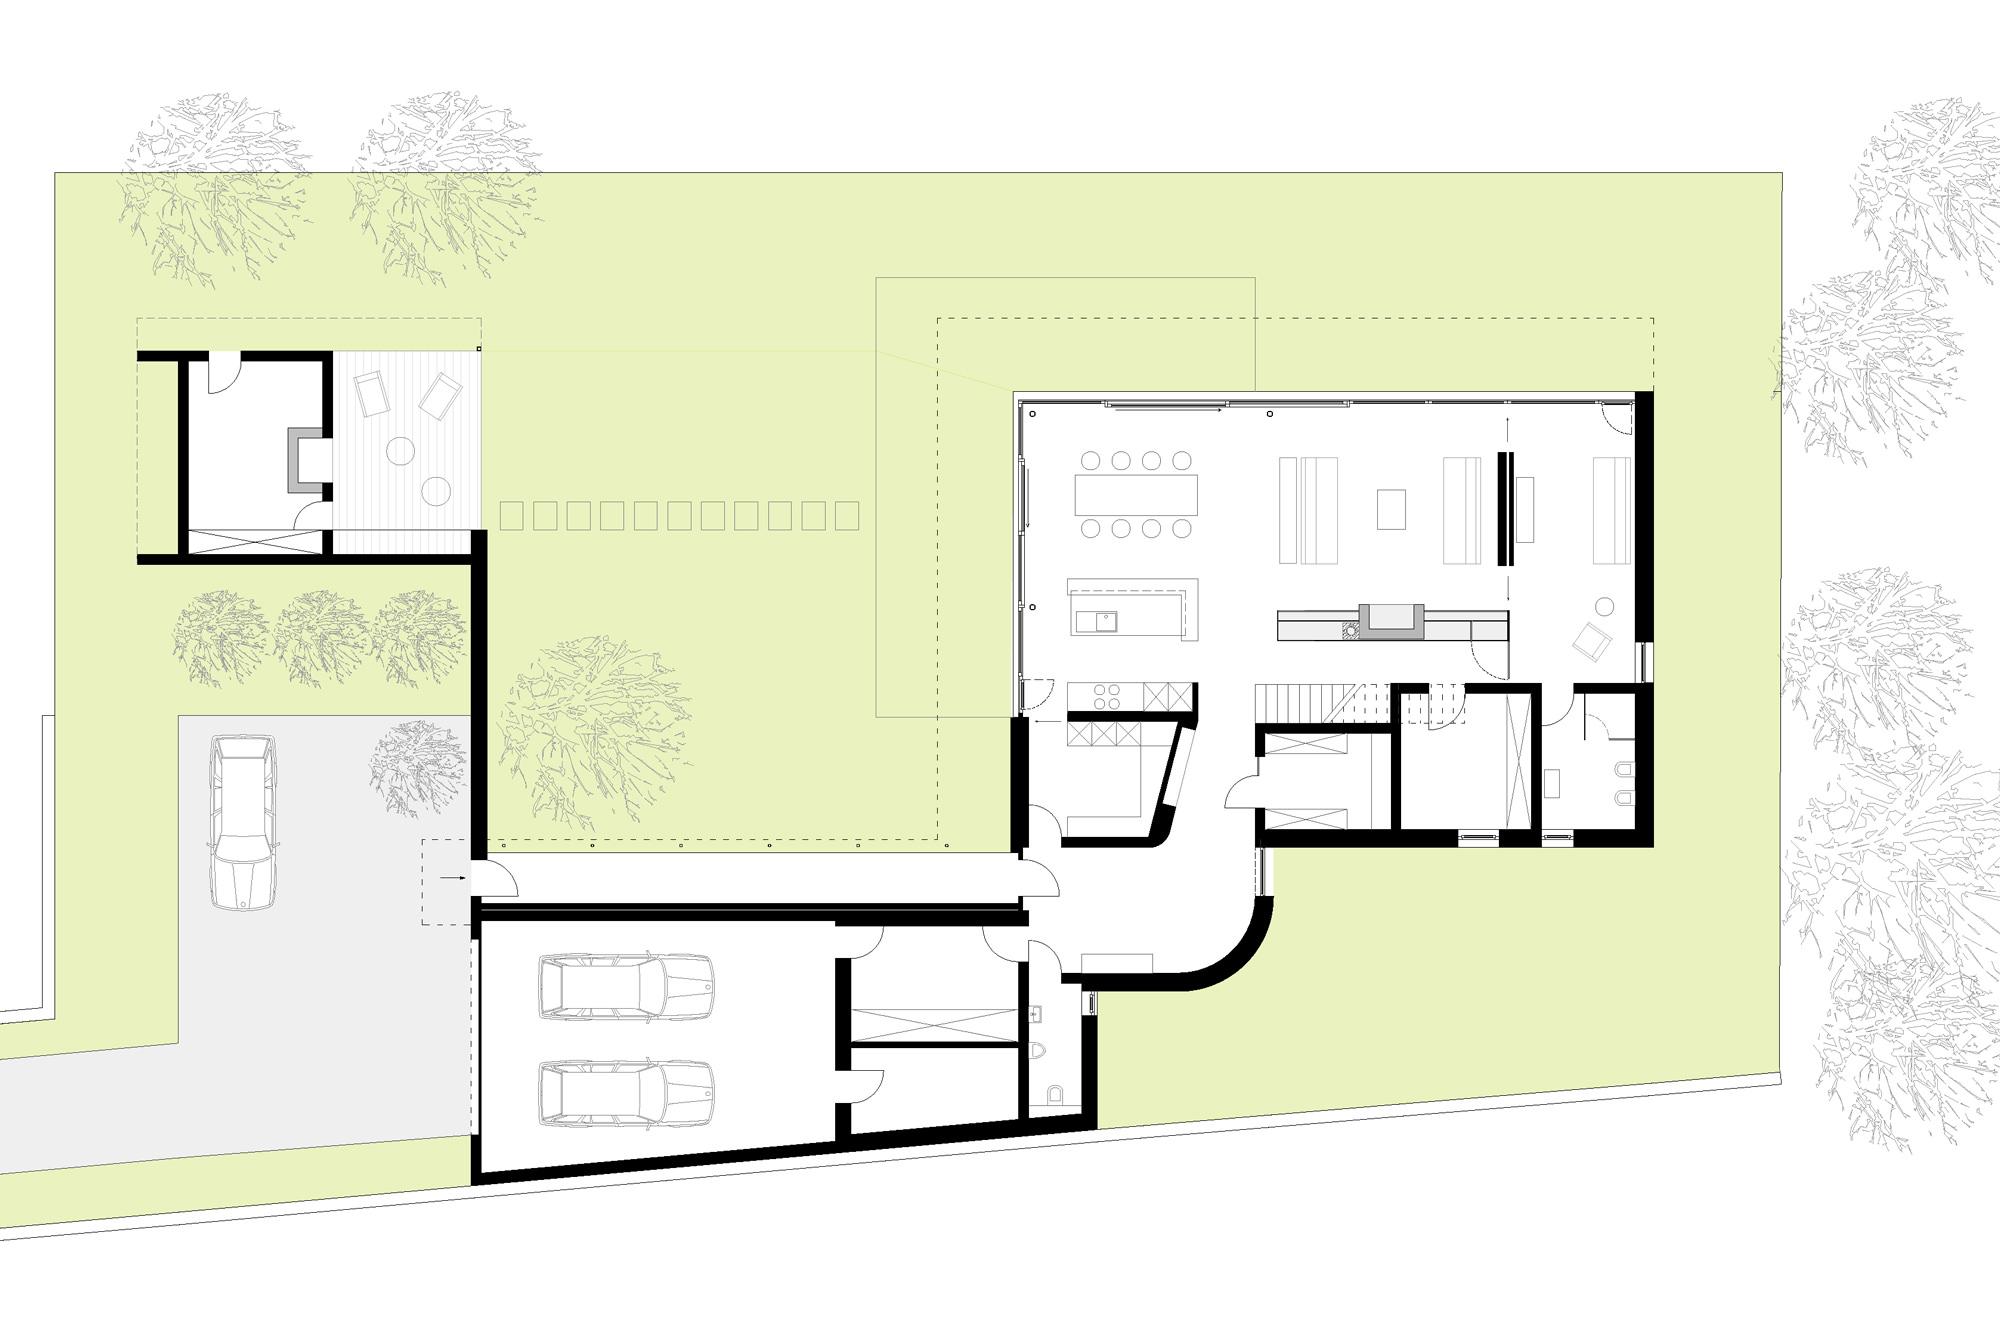 haus_lk_26_einfamilienhaus_im_seewinkel_burgenland_junger_beer_architektur